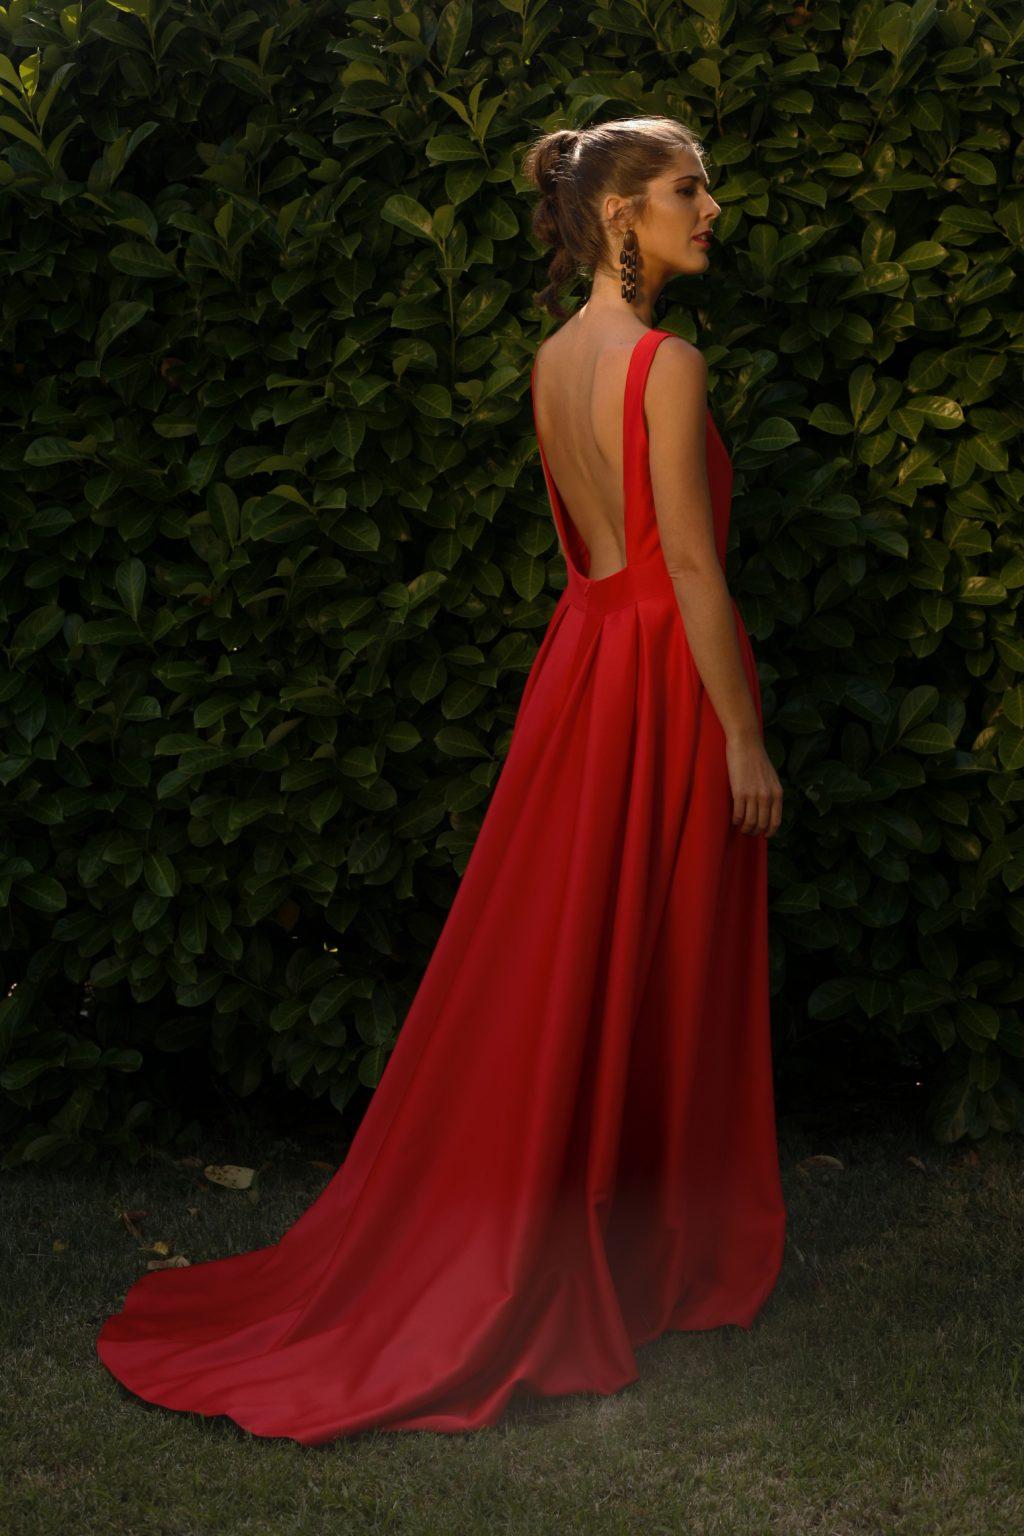 Ý nghĩa sắc đỏ mang đến cho trang phục màu đỏ 6